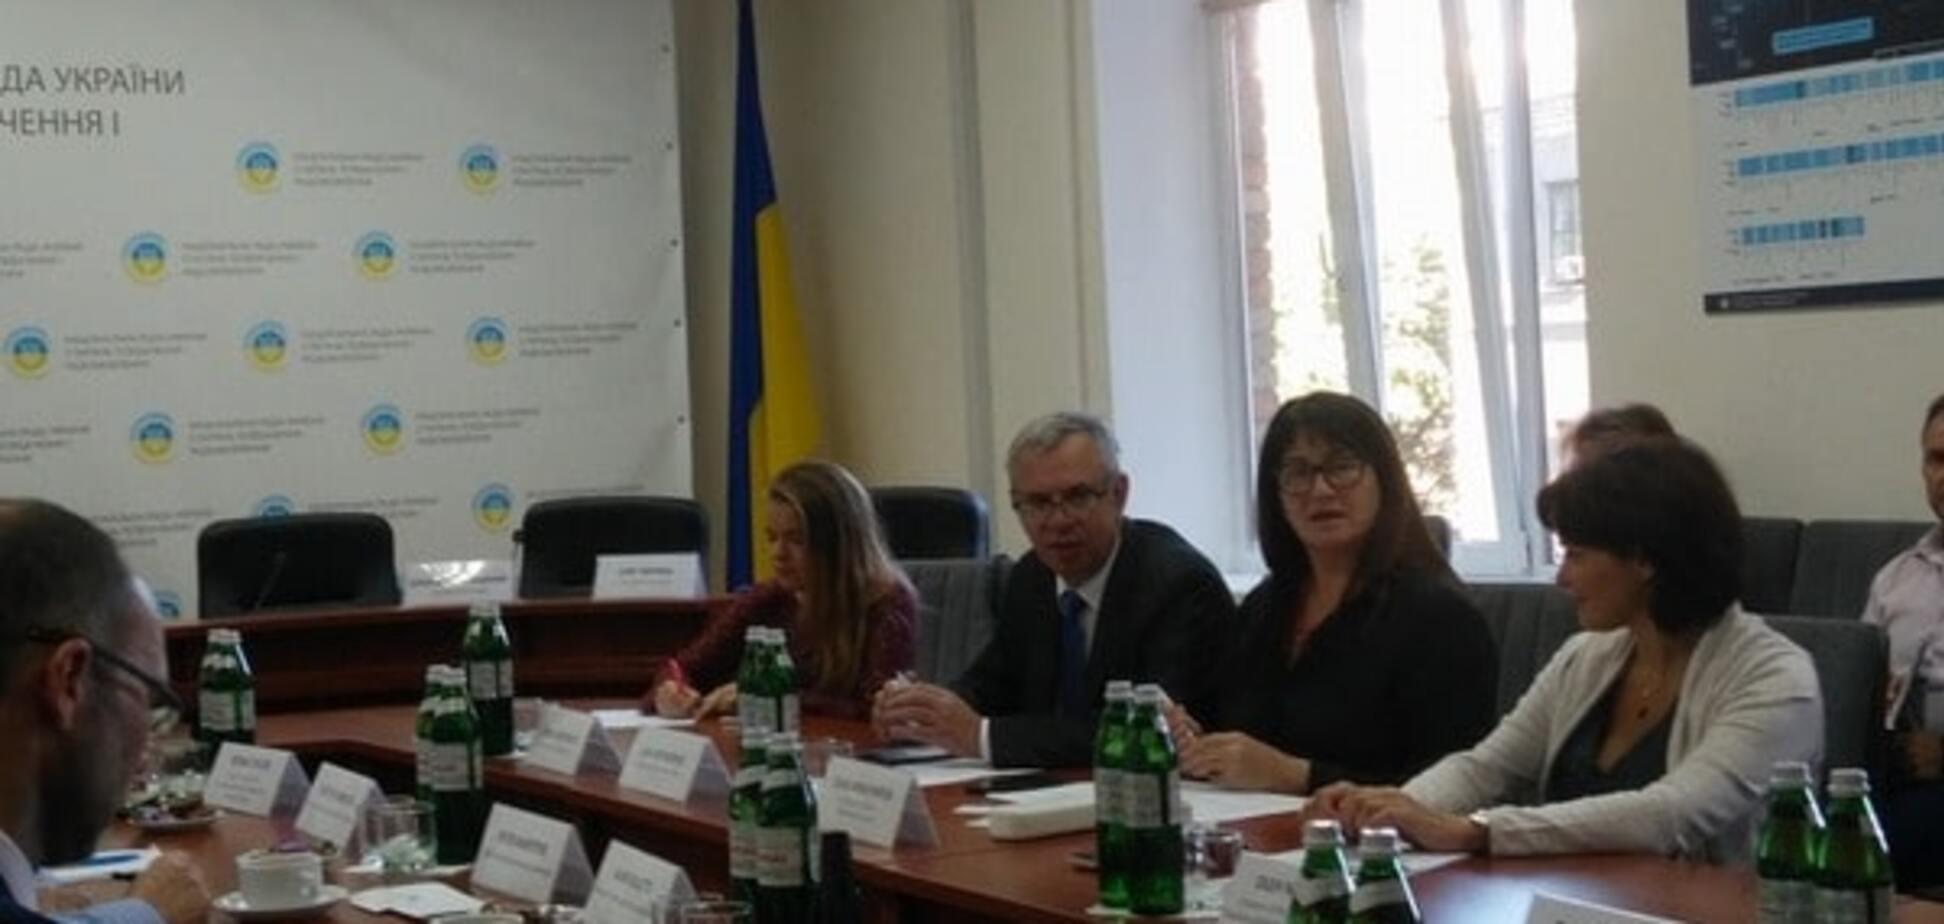 Нацсовет отказался продлять лицензию радиокомпании холдинга 'Вести Украина'